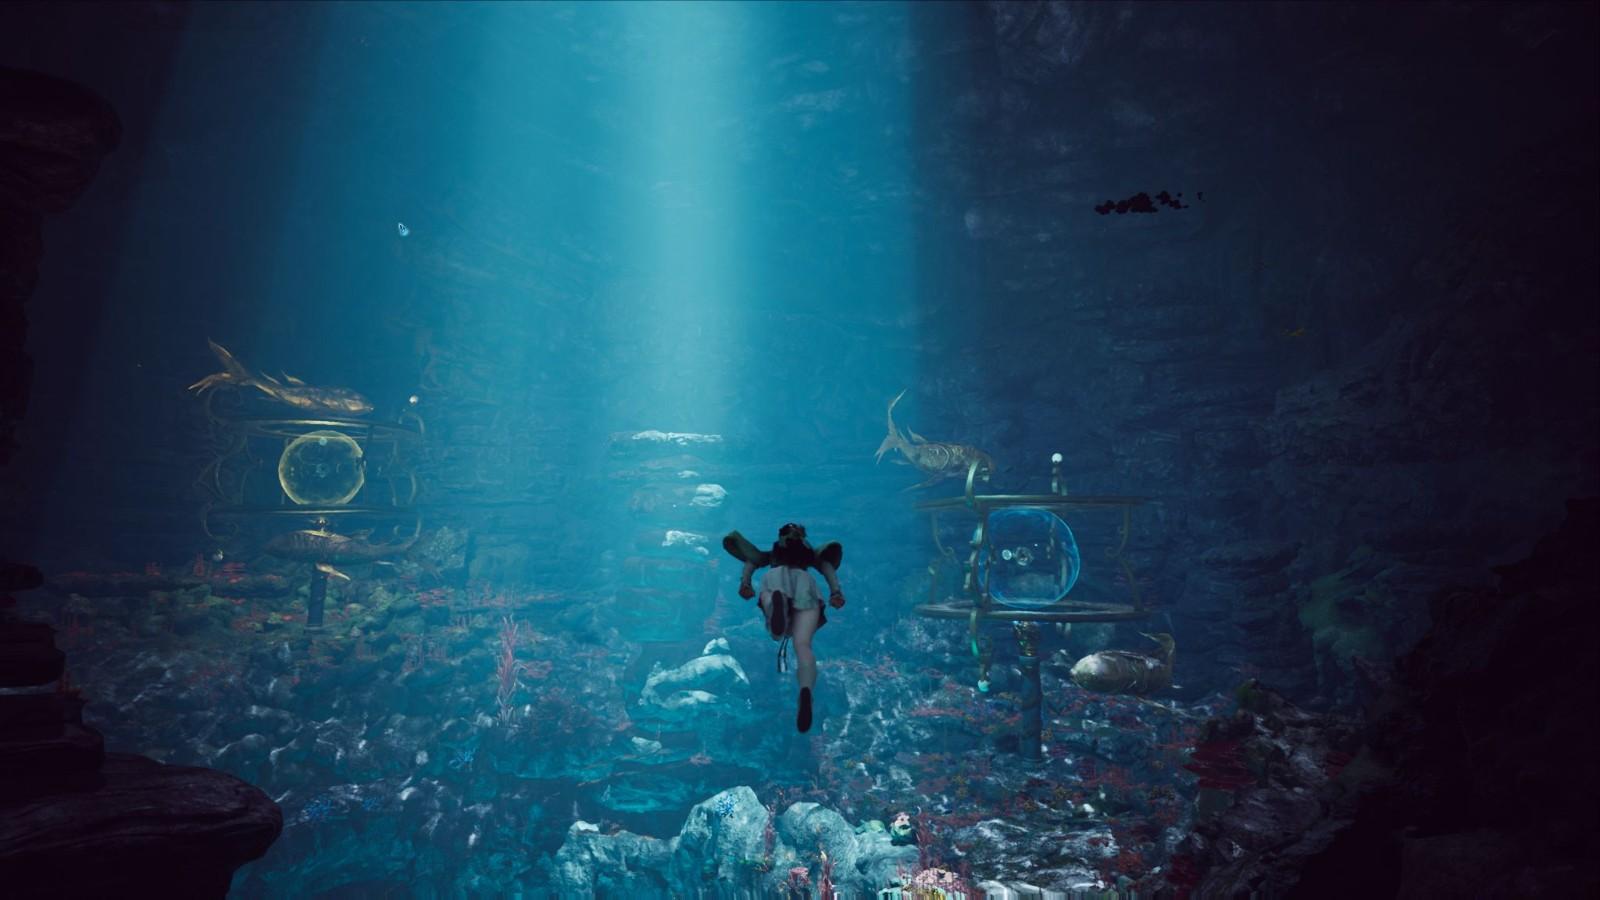 《仙剑奇侠传七》公布RTX光线追踪演示视频